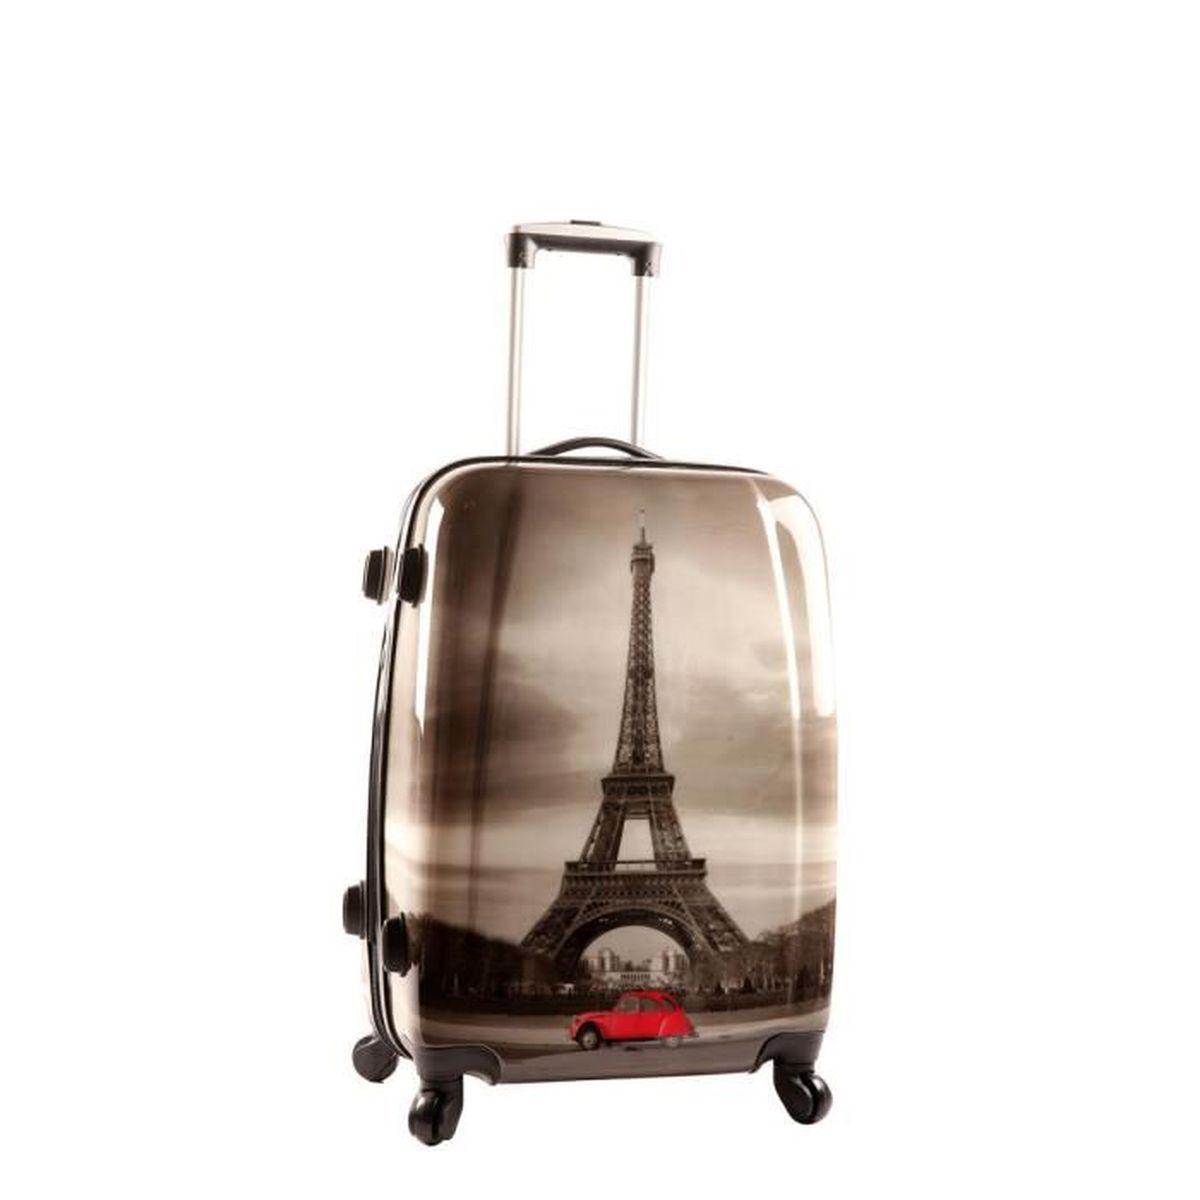 valise cabine madisson tour eiffel 55 cm 55 h x 36 l x 20 e cm motif achat vente. Black Bedroom Furniture Sets. Home Design Ideas